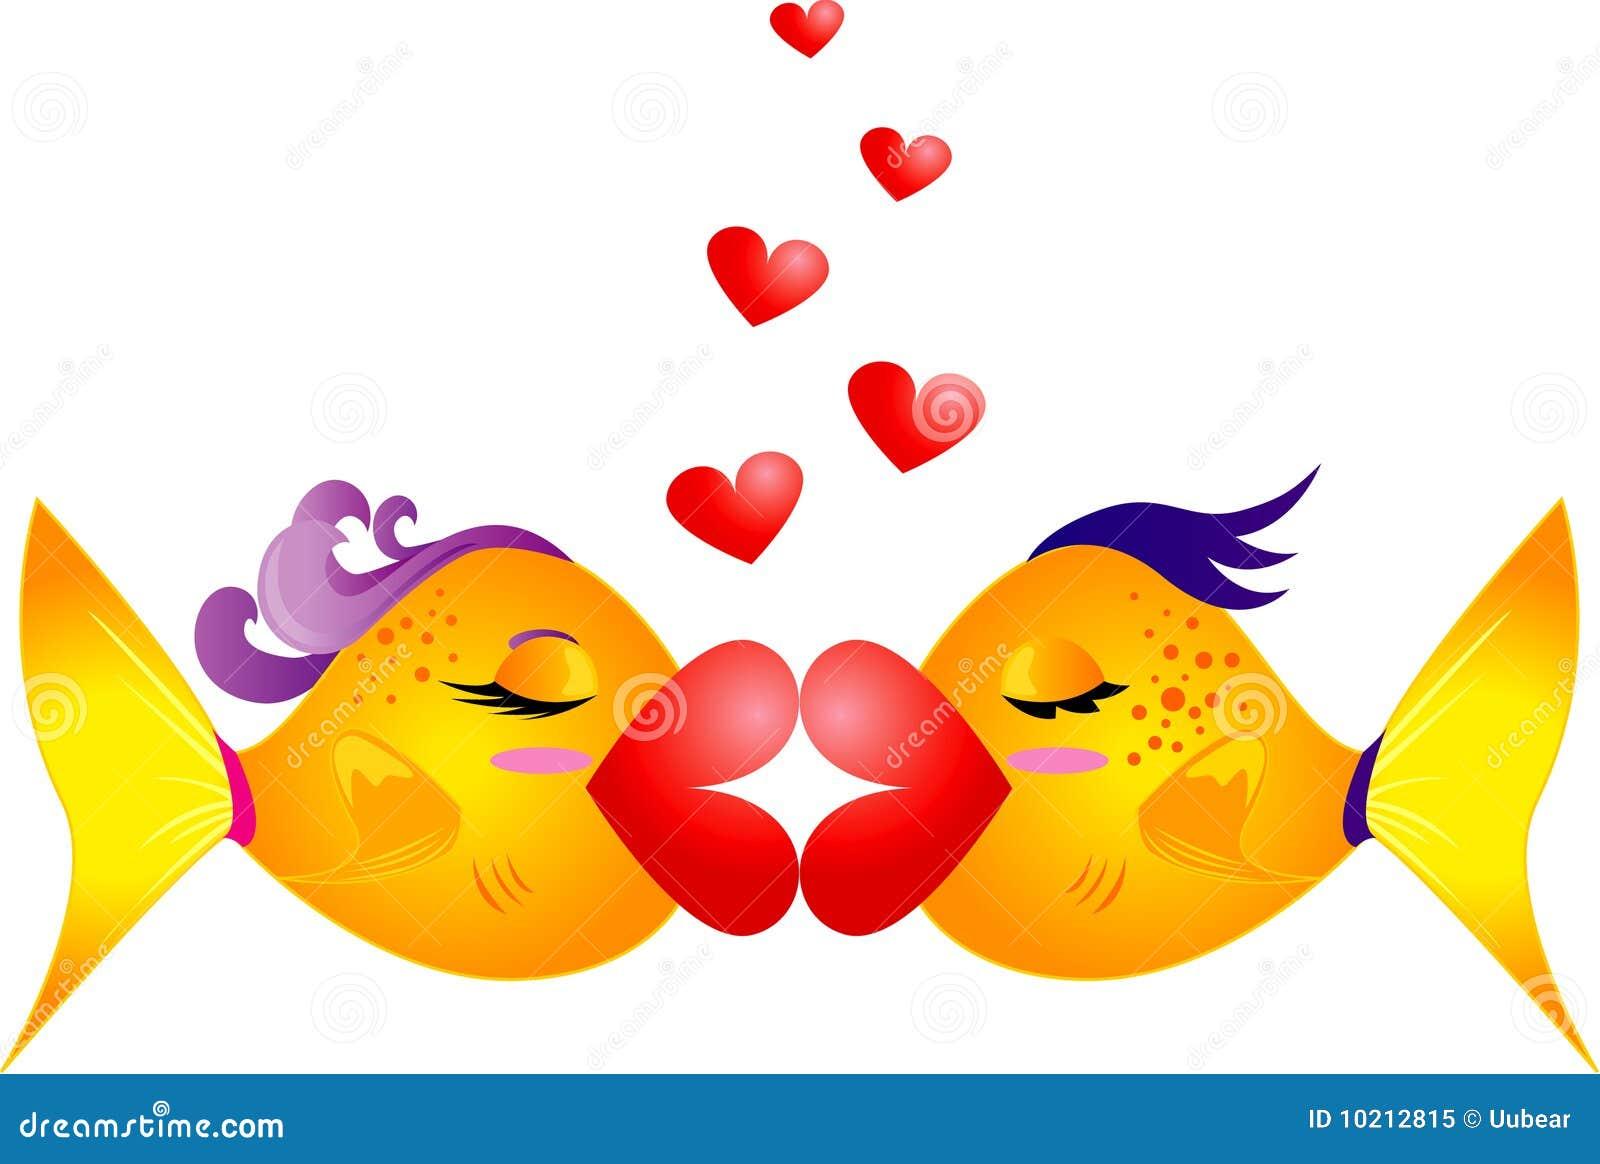 Fish Kiss Royalty Free Stock Photo - Image: 10212815